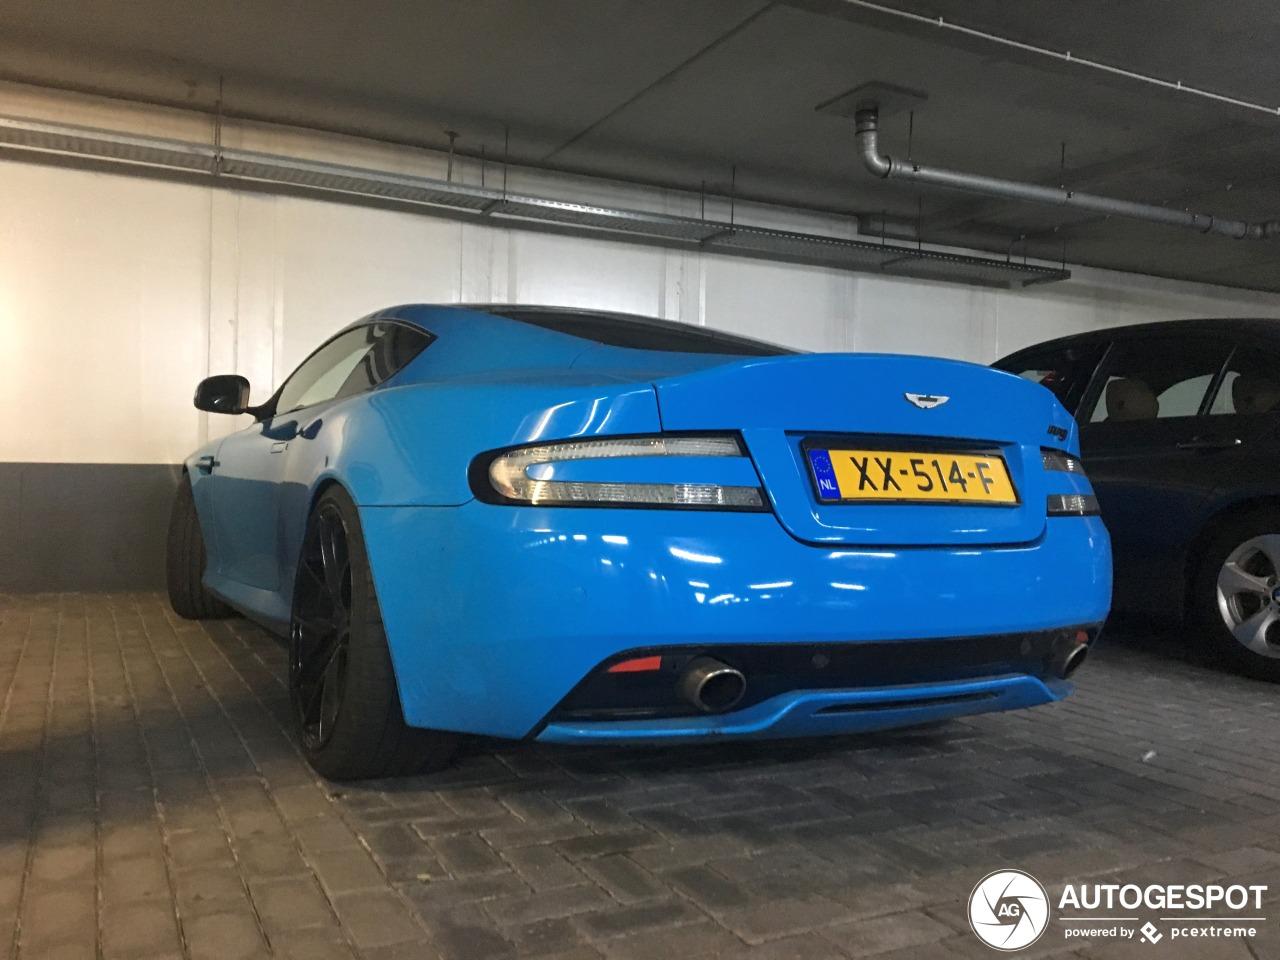 Aston Martin DB9 heeft een bijzonder kleurtje gekregen